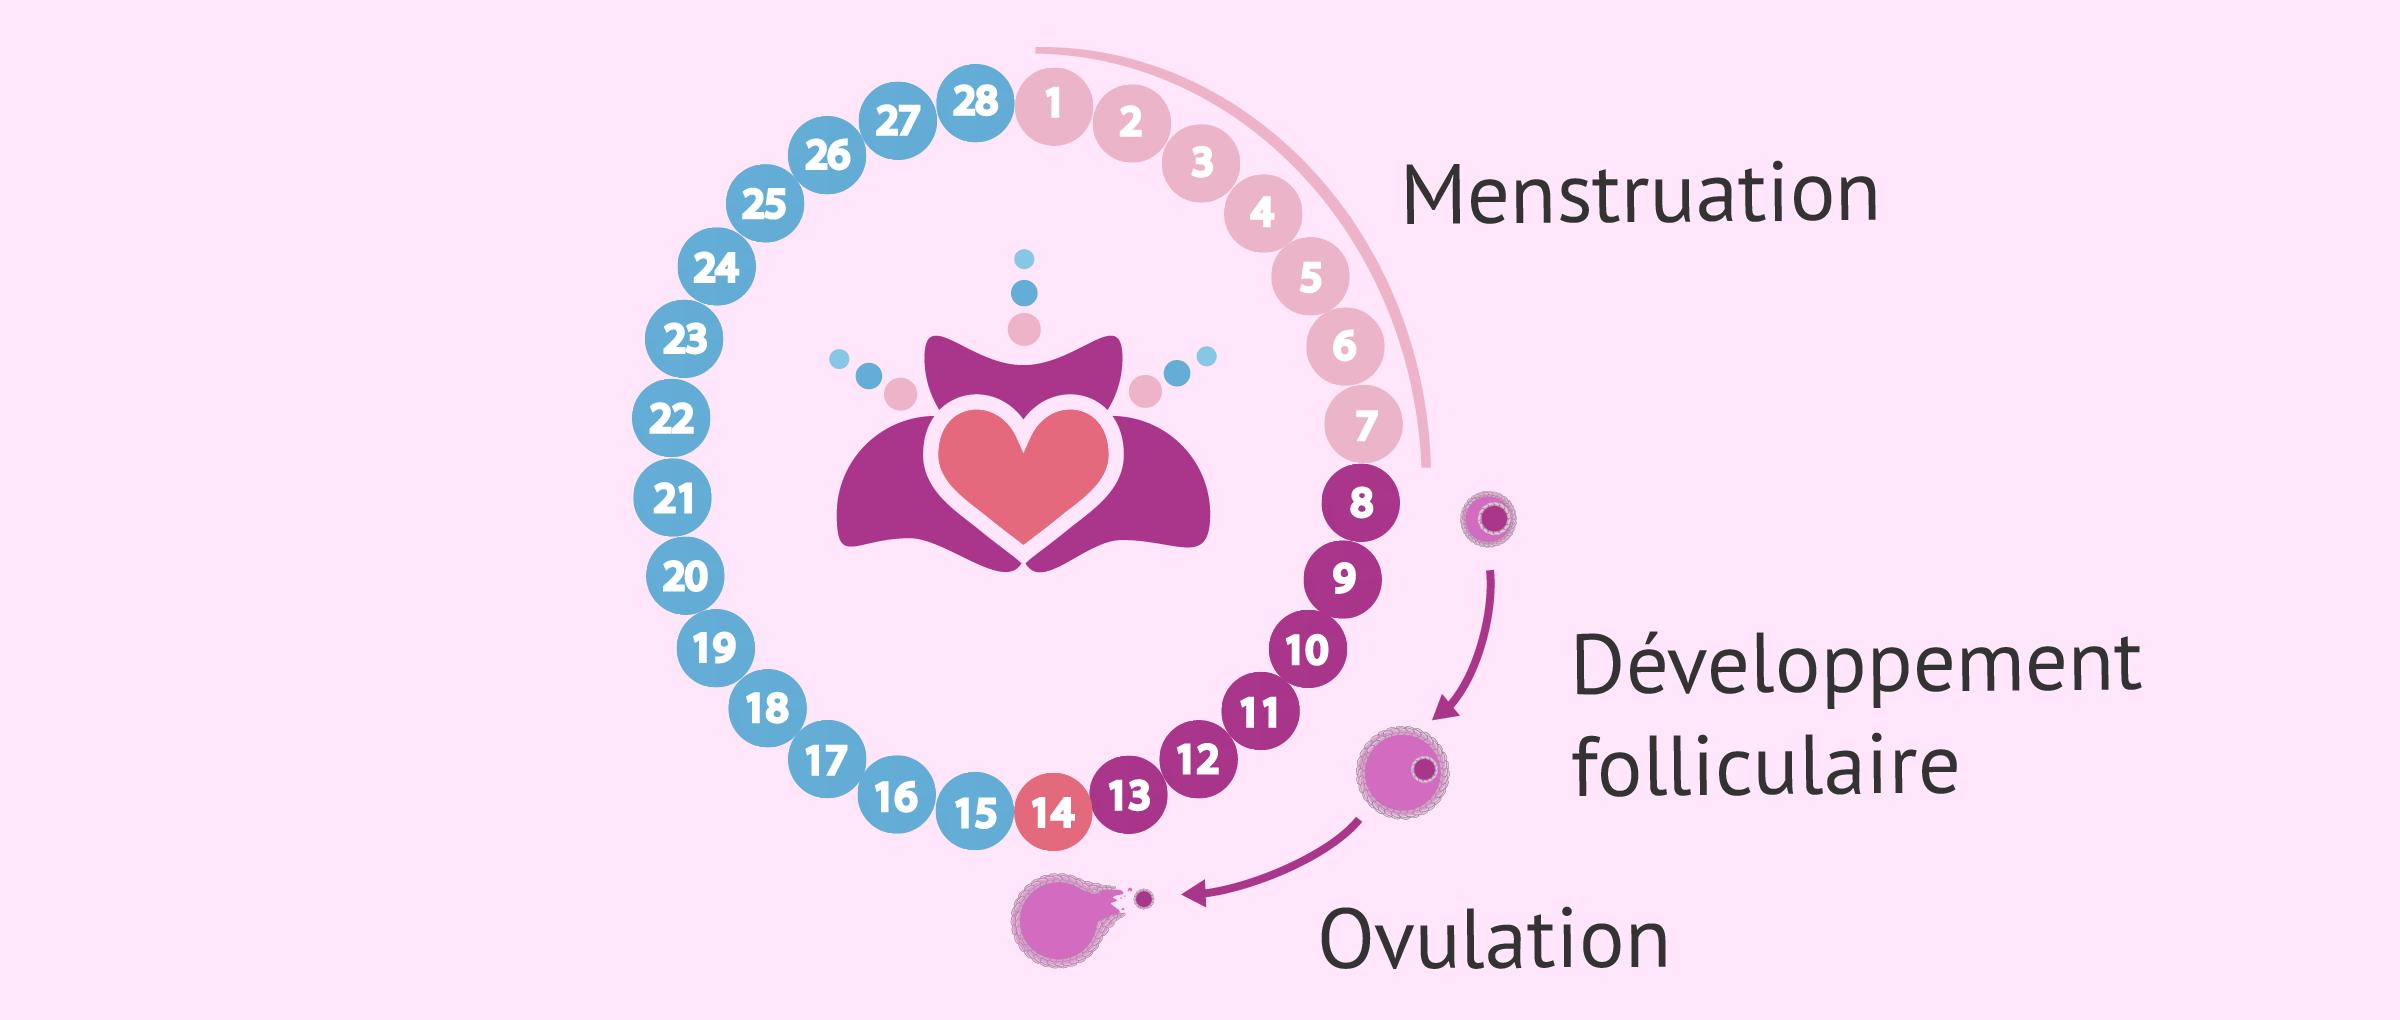 Développement folliculaire semaine 2 de grossesse